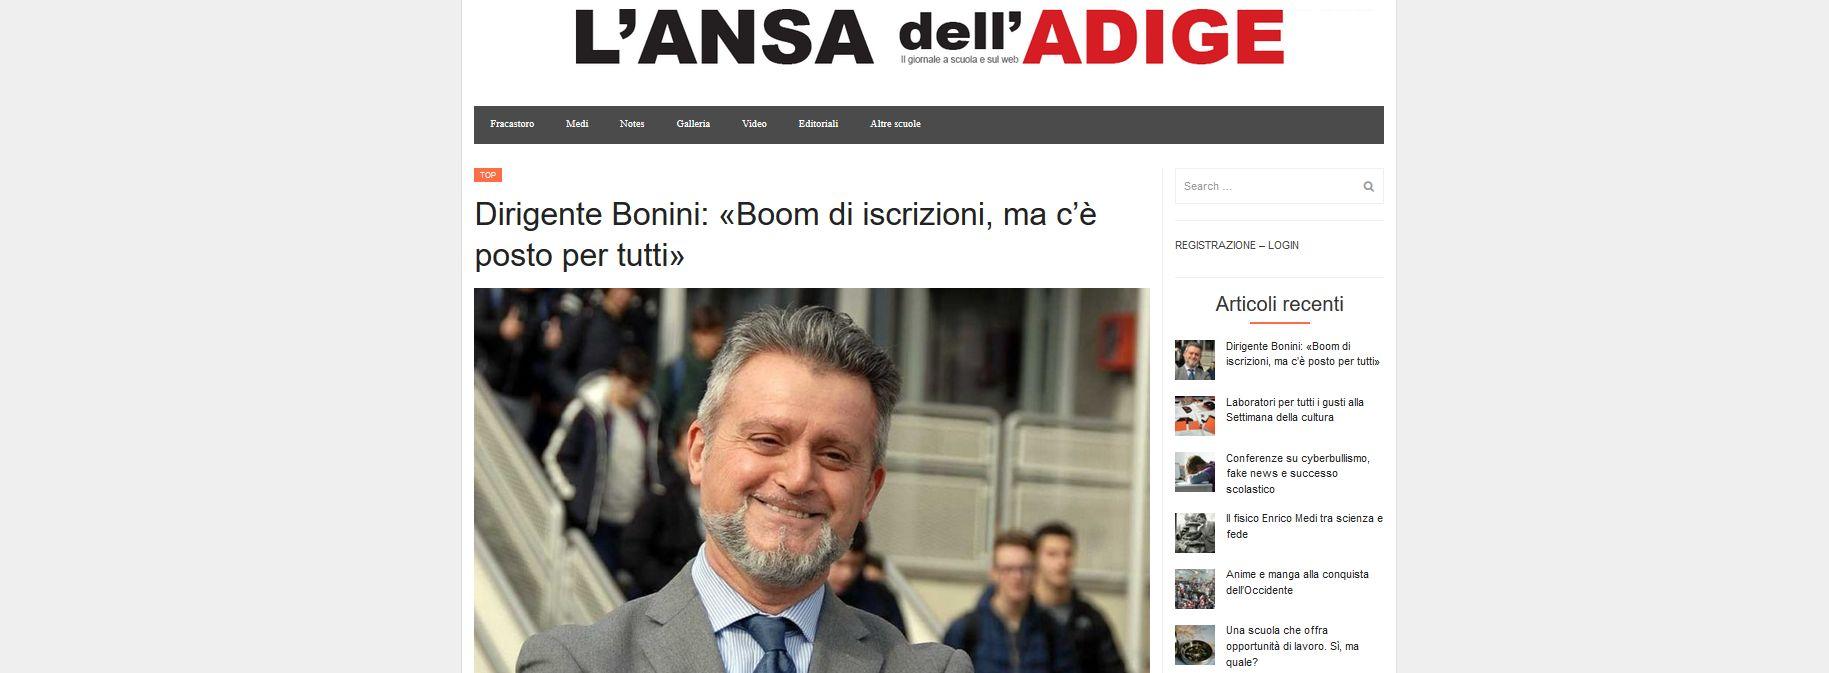 !! Nuovo articolo Mediavox !! - Dirigente Bonini: